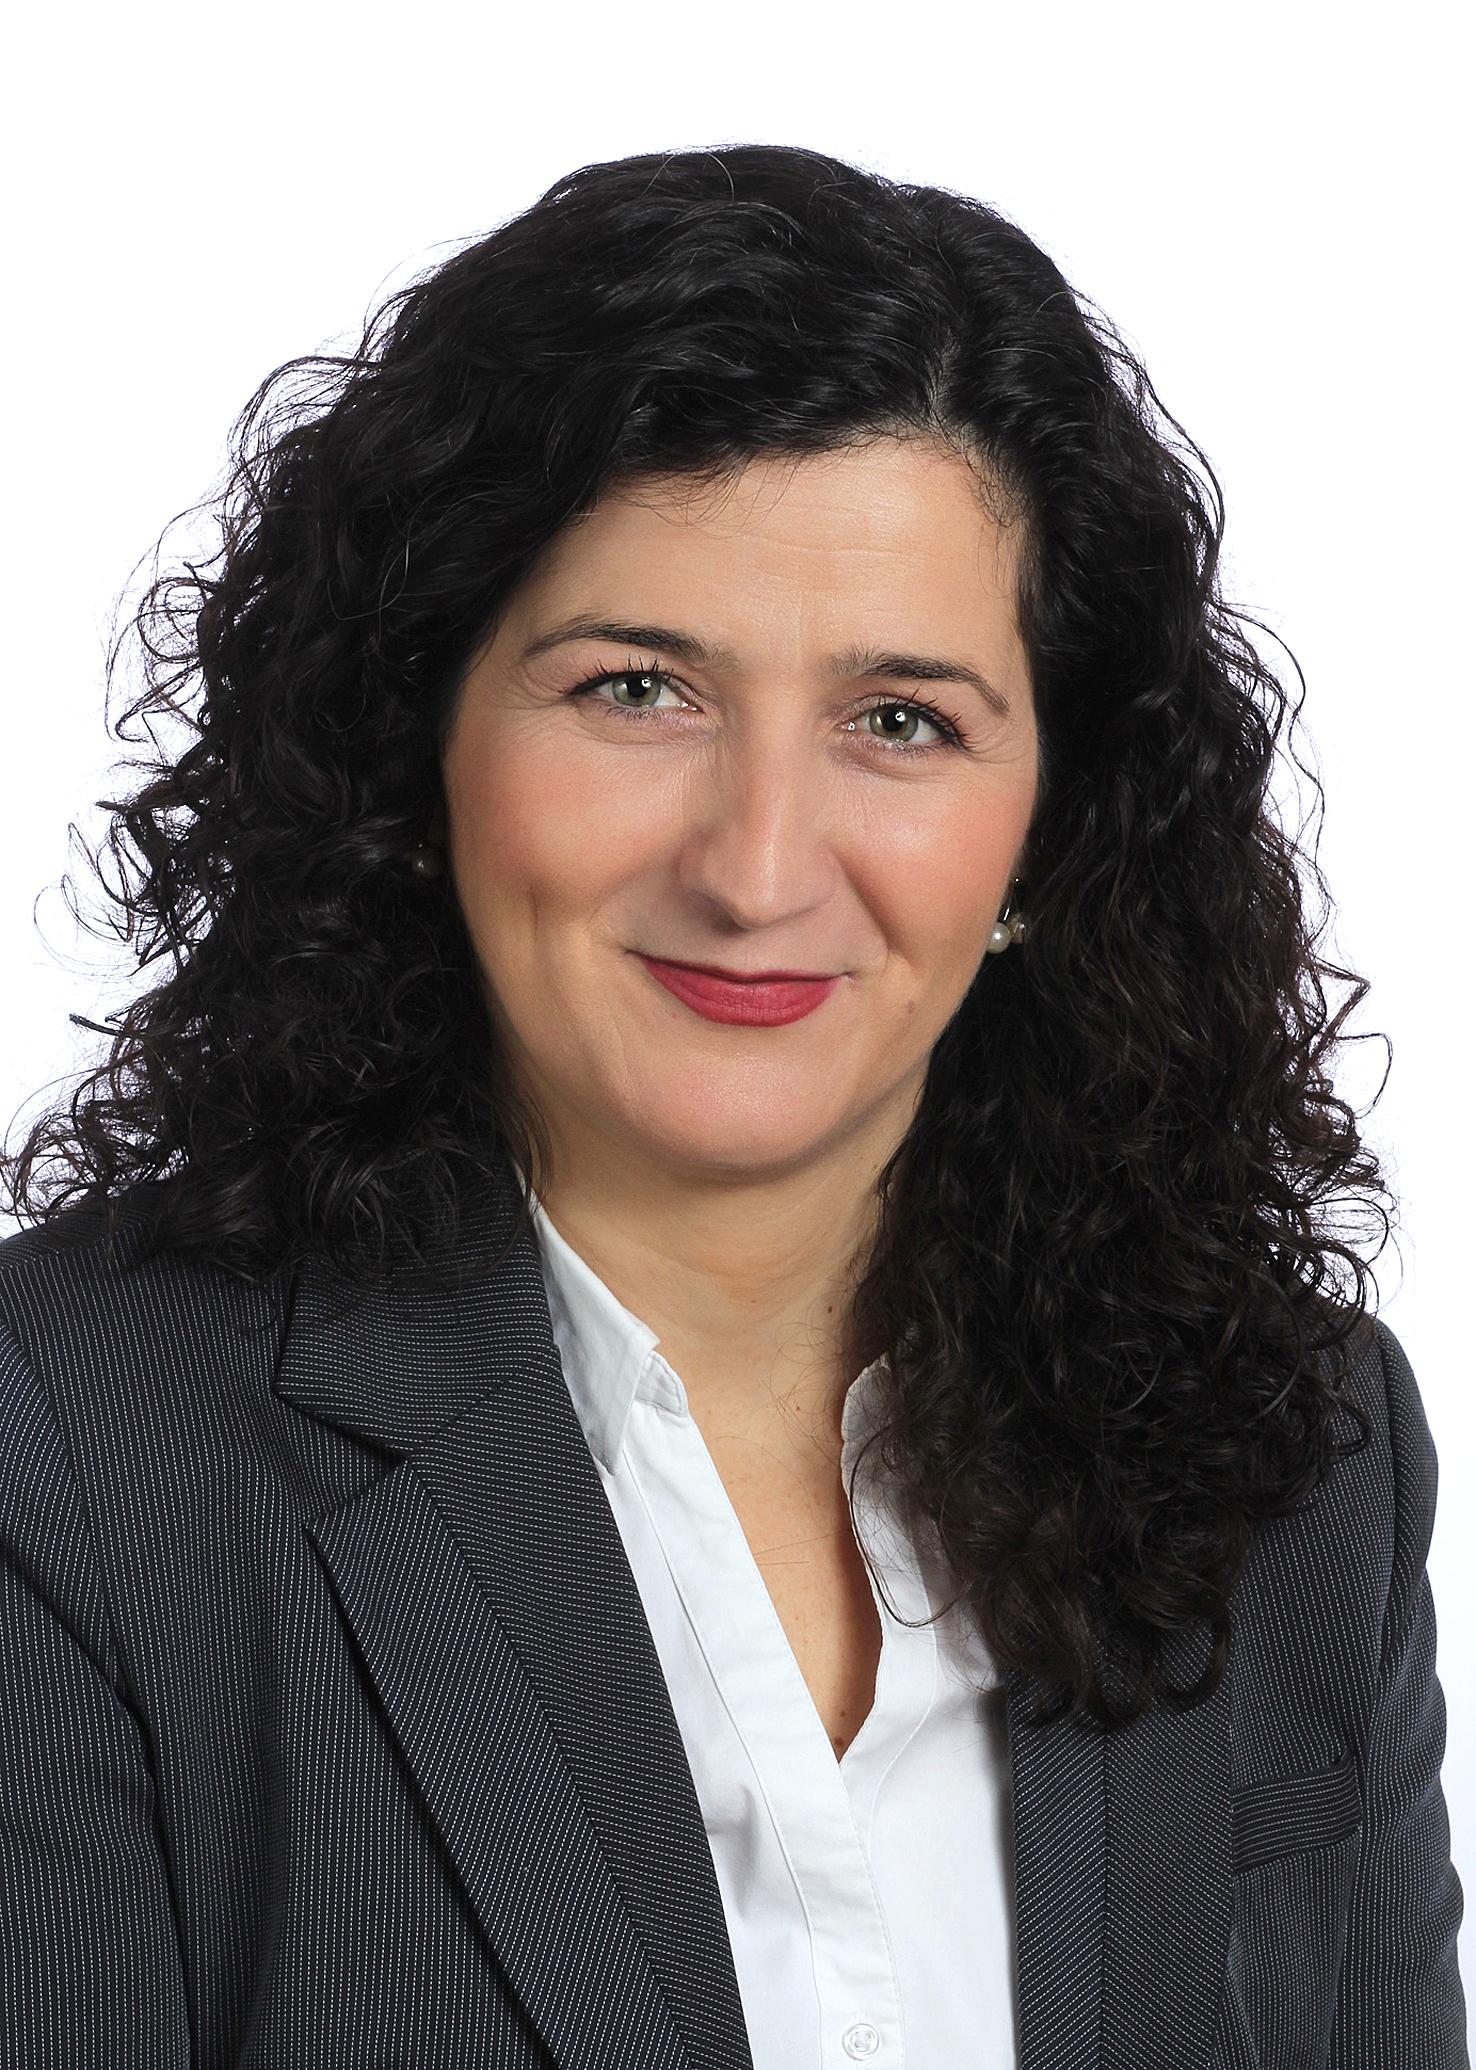 María Lavandeira Villar-Directora Pedagógica - copia